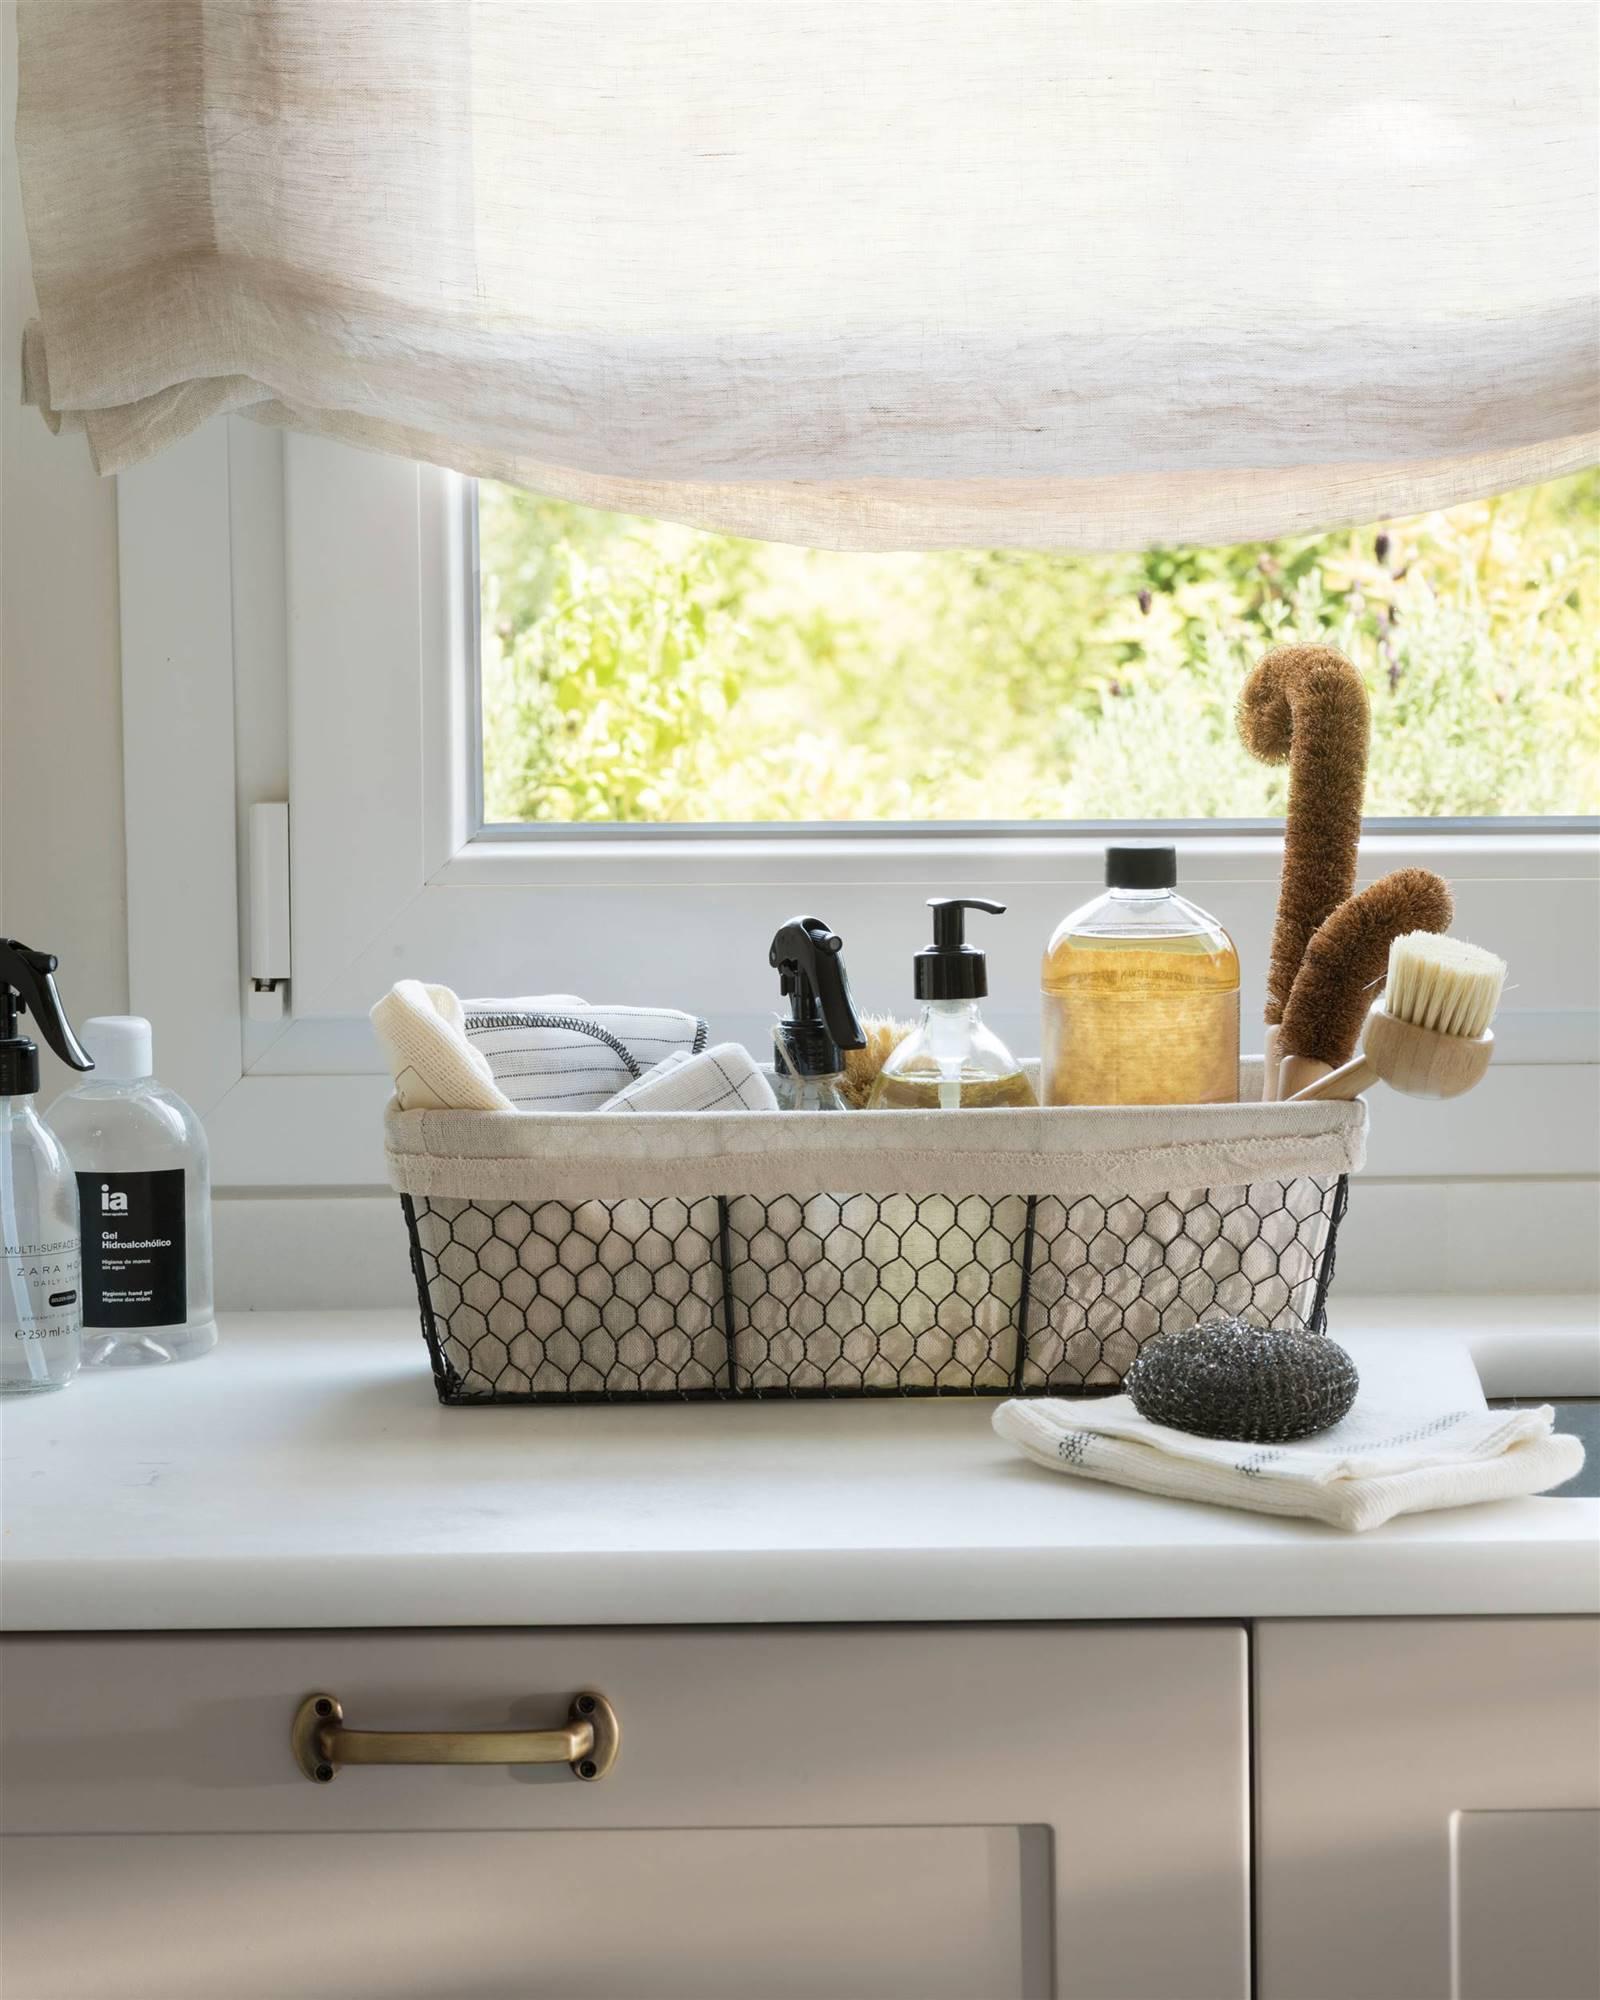 piano di lavoro in marmo con prodotti per la pulizia 00529058. Kit di base di prodotti per la pulizia